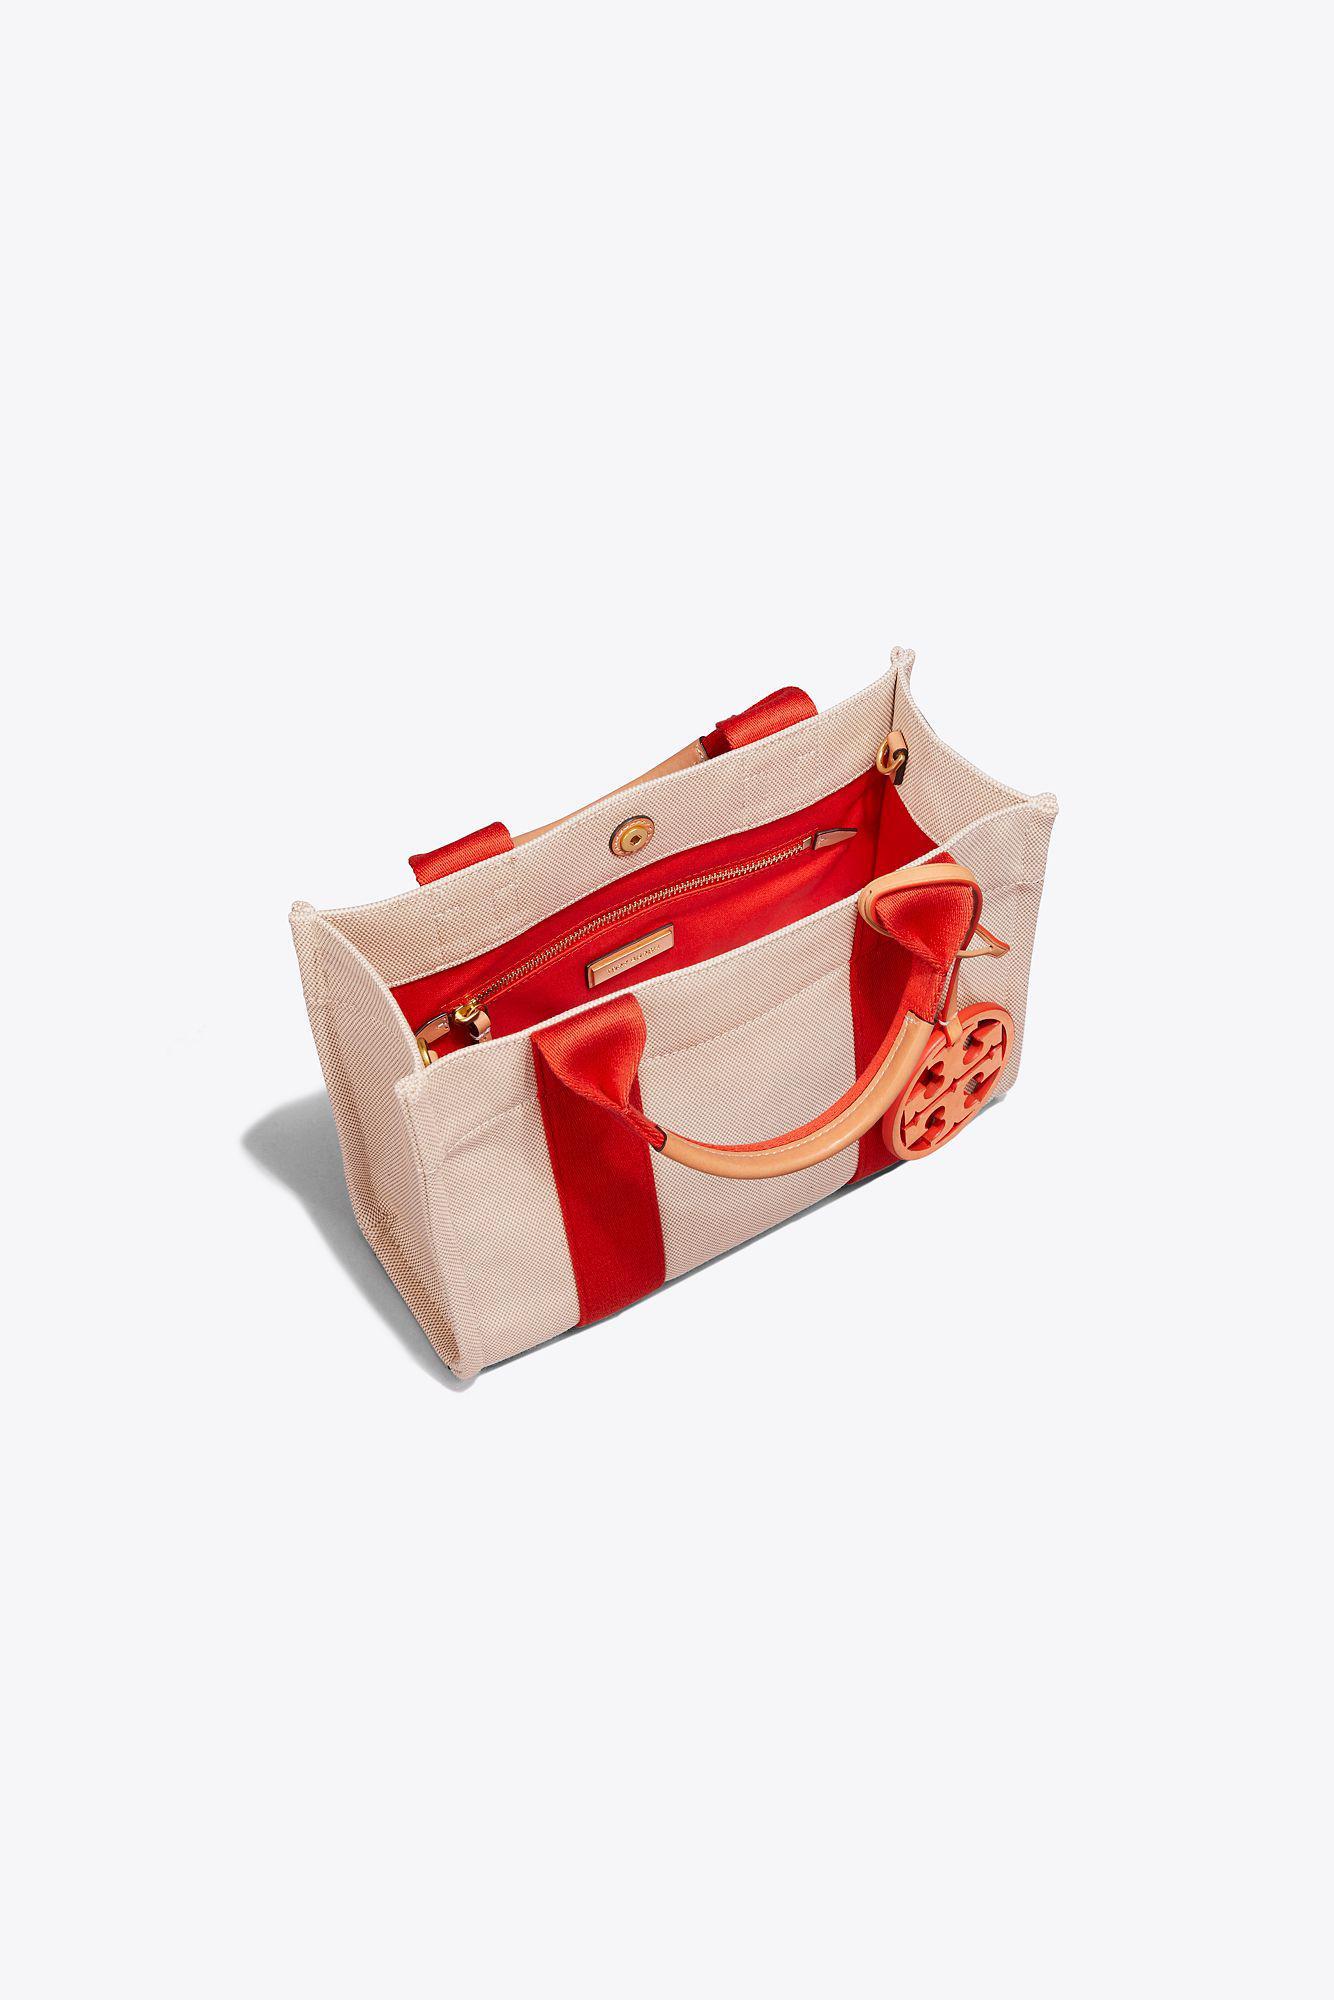 0e12ca1b6e96 Tory Burch Miller Canvas Mini Tote in Red - Lyst